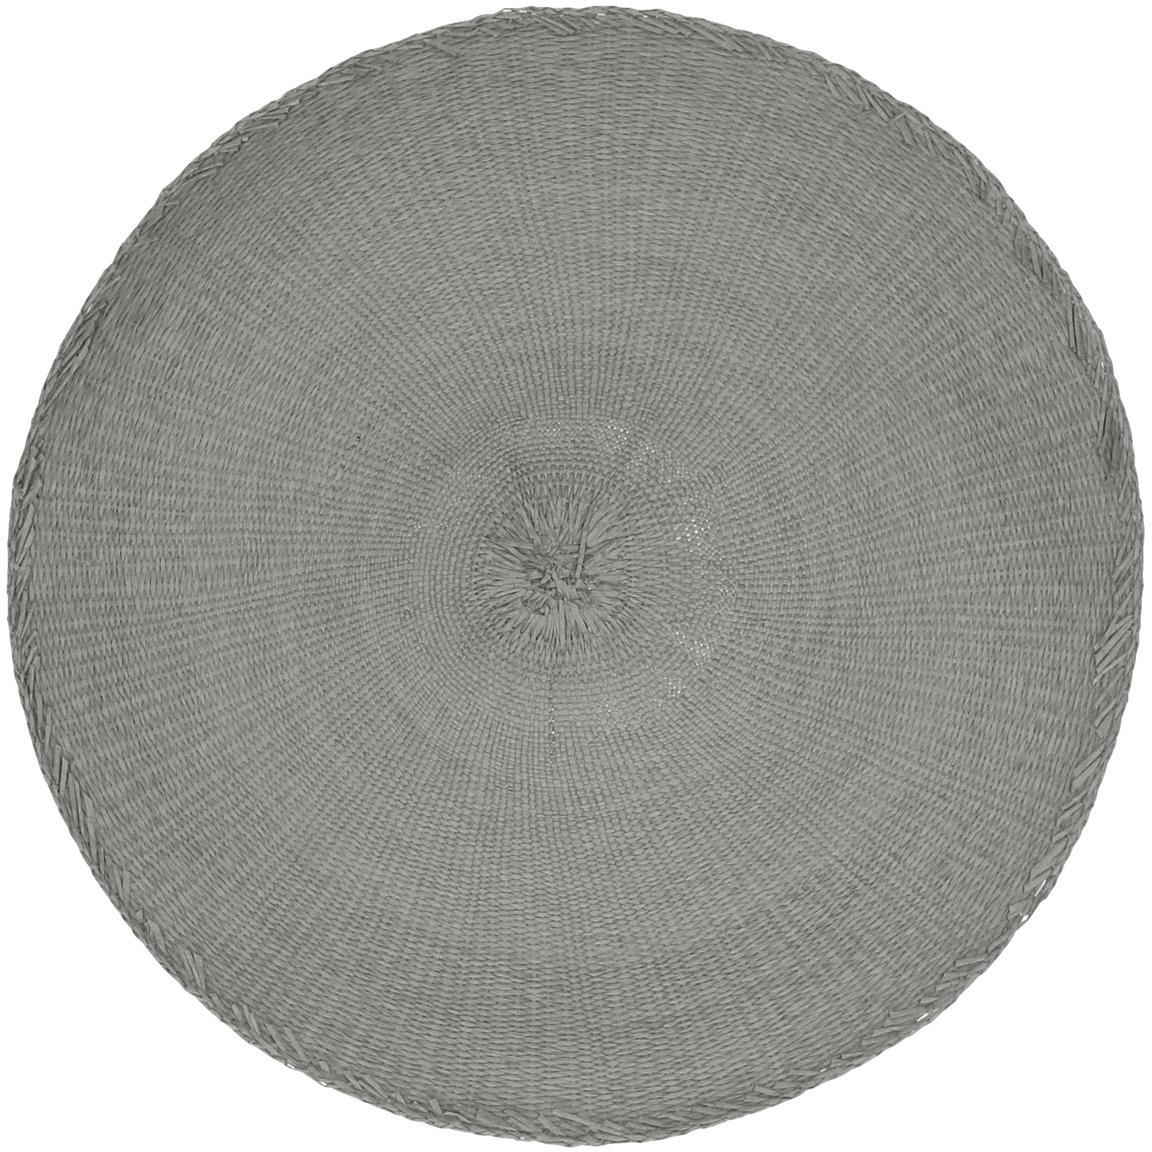 Runde Tischsets Kolori aus Papierfasern, 2 Stück, Papierfasern, Grau, Ø 38 cm